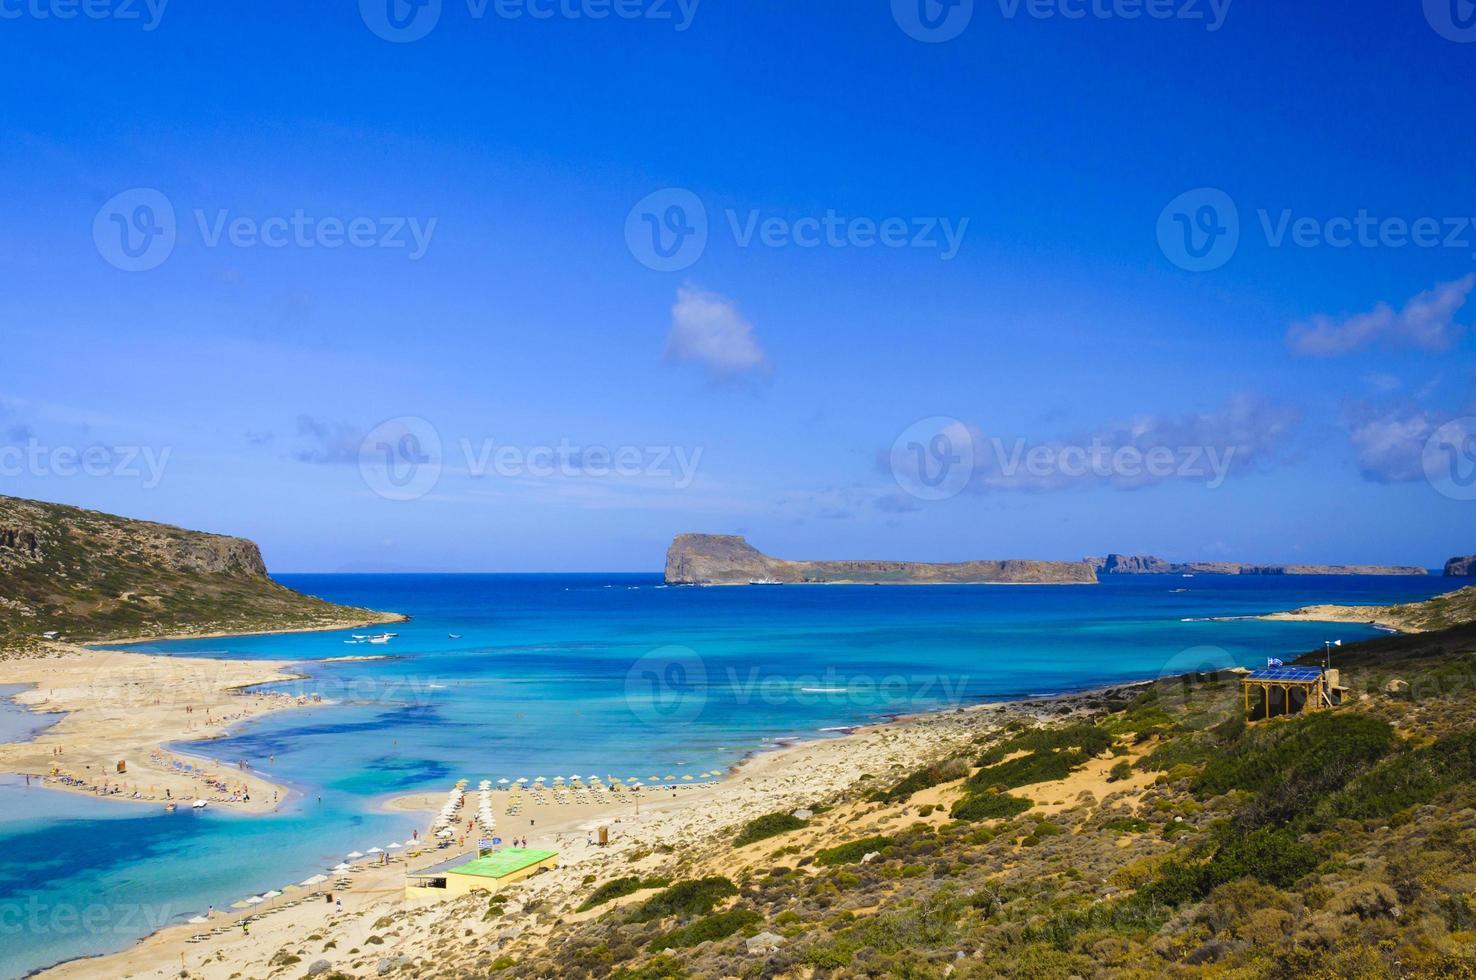 vista incrível sobre a lagoa de balos em Creta, Grécia foto